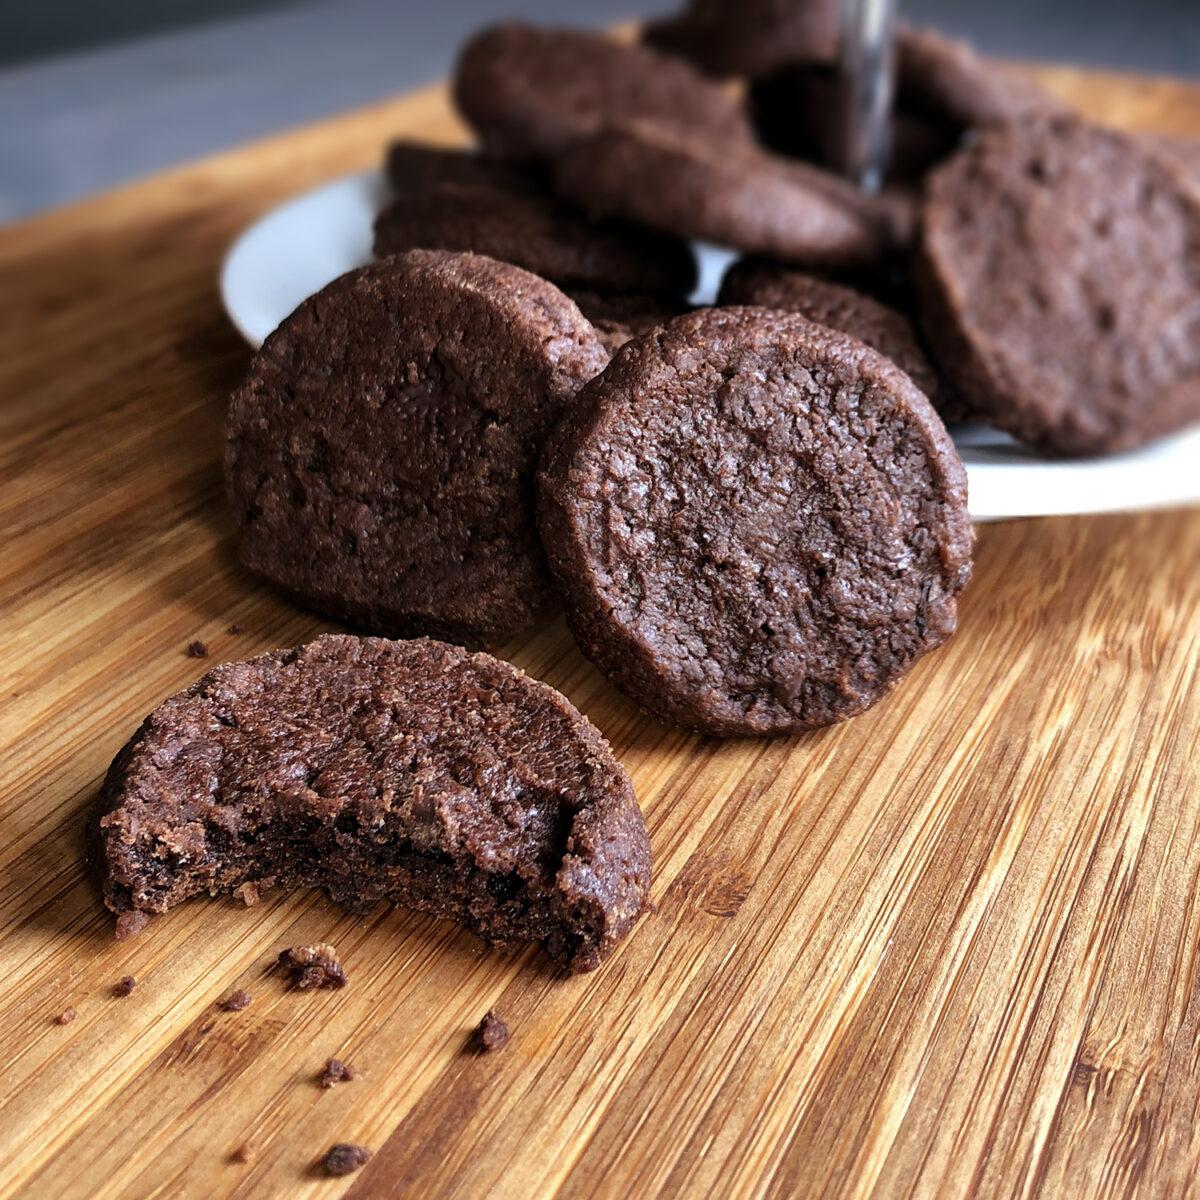 Sablés au chocolat | Zartbitterkekse mit Fleur de Sel